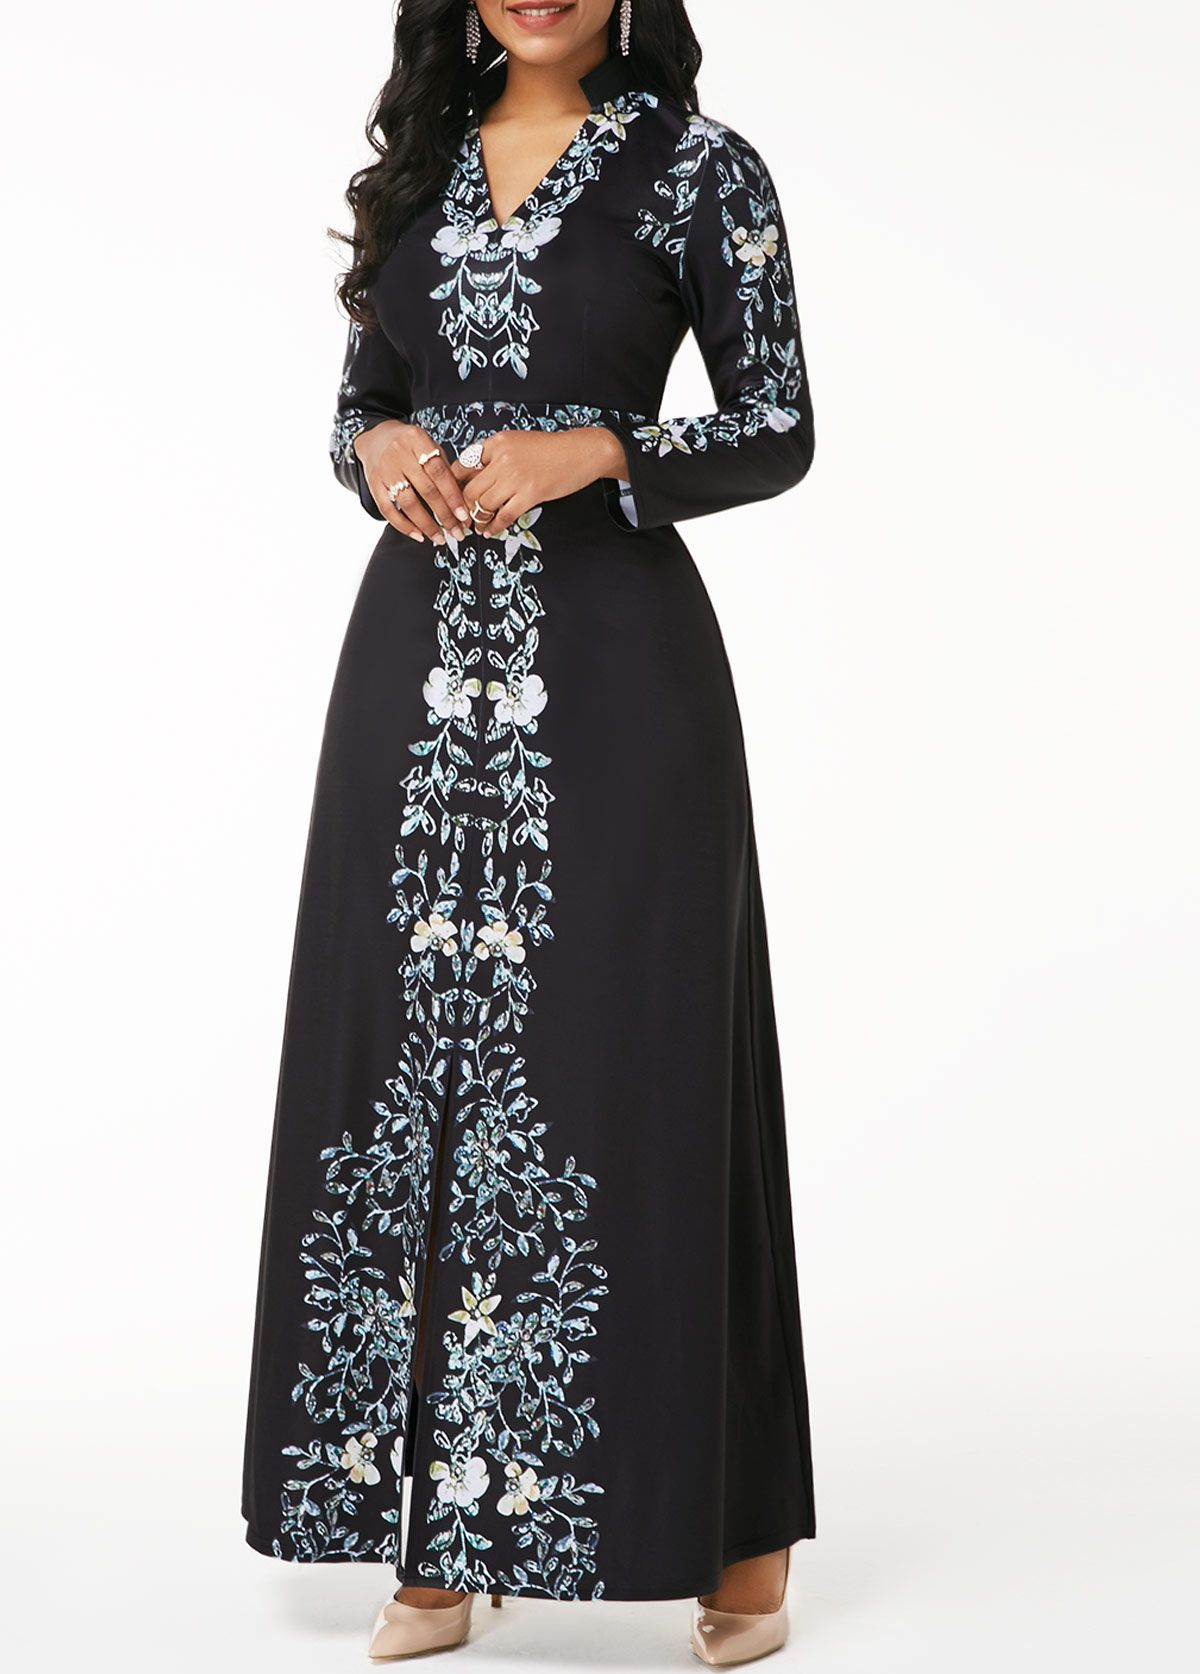 V neck flower print long sleeve black dress in dresses